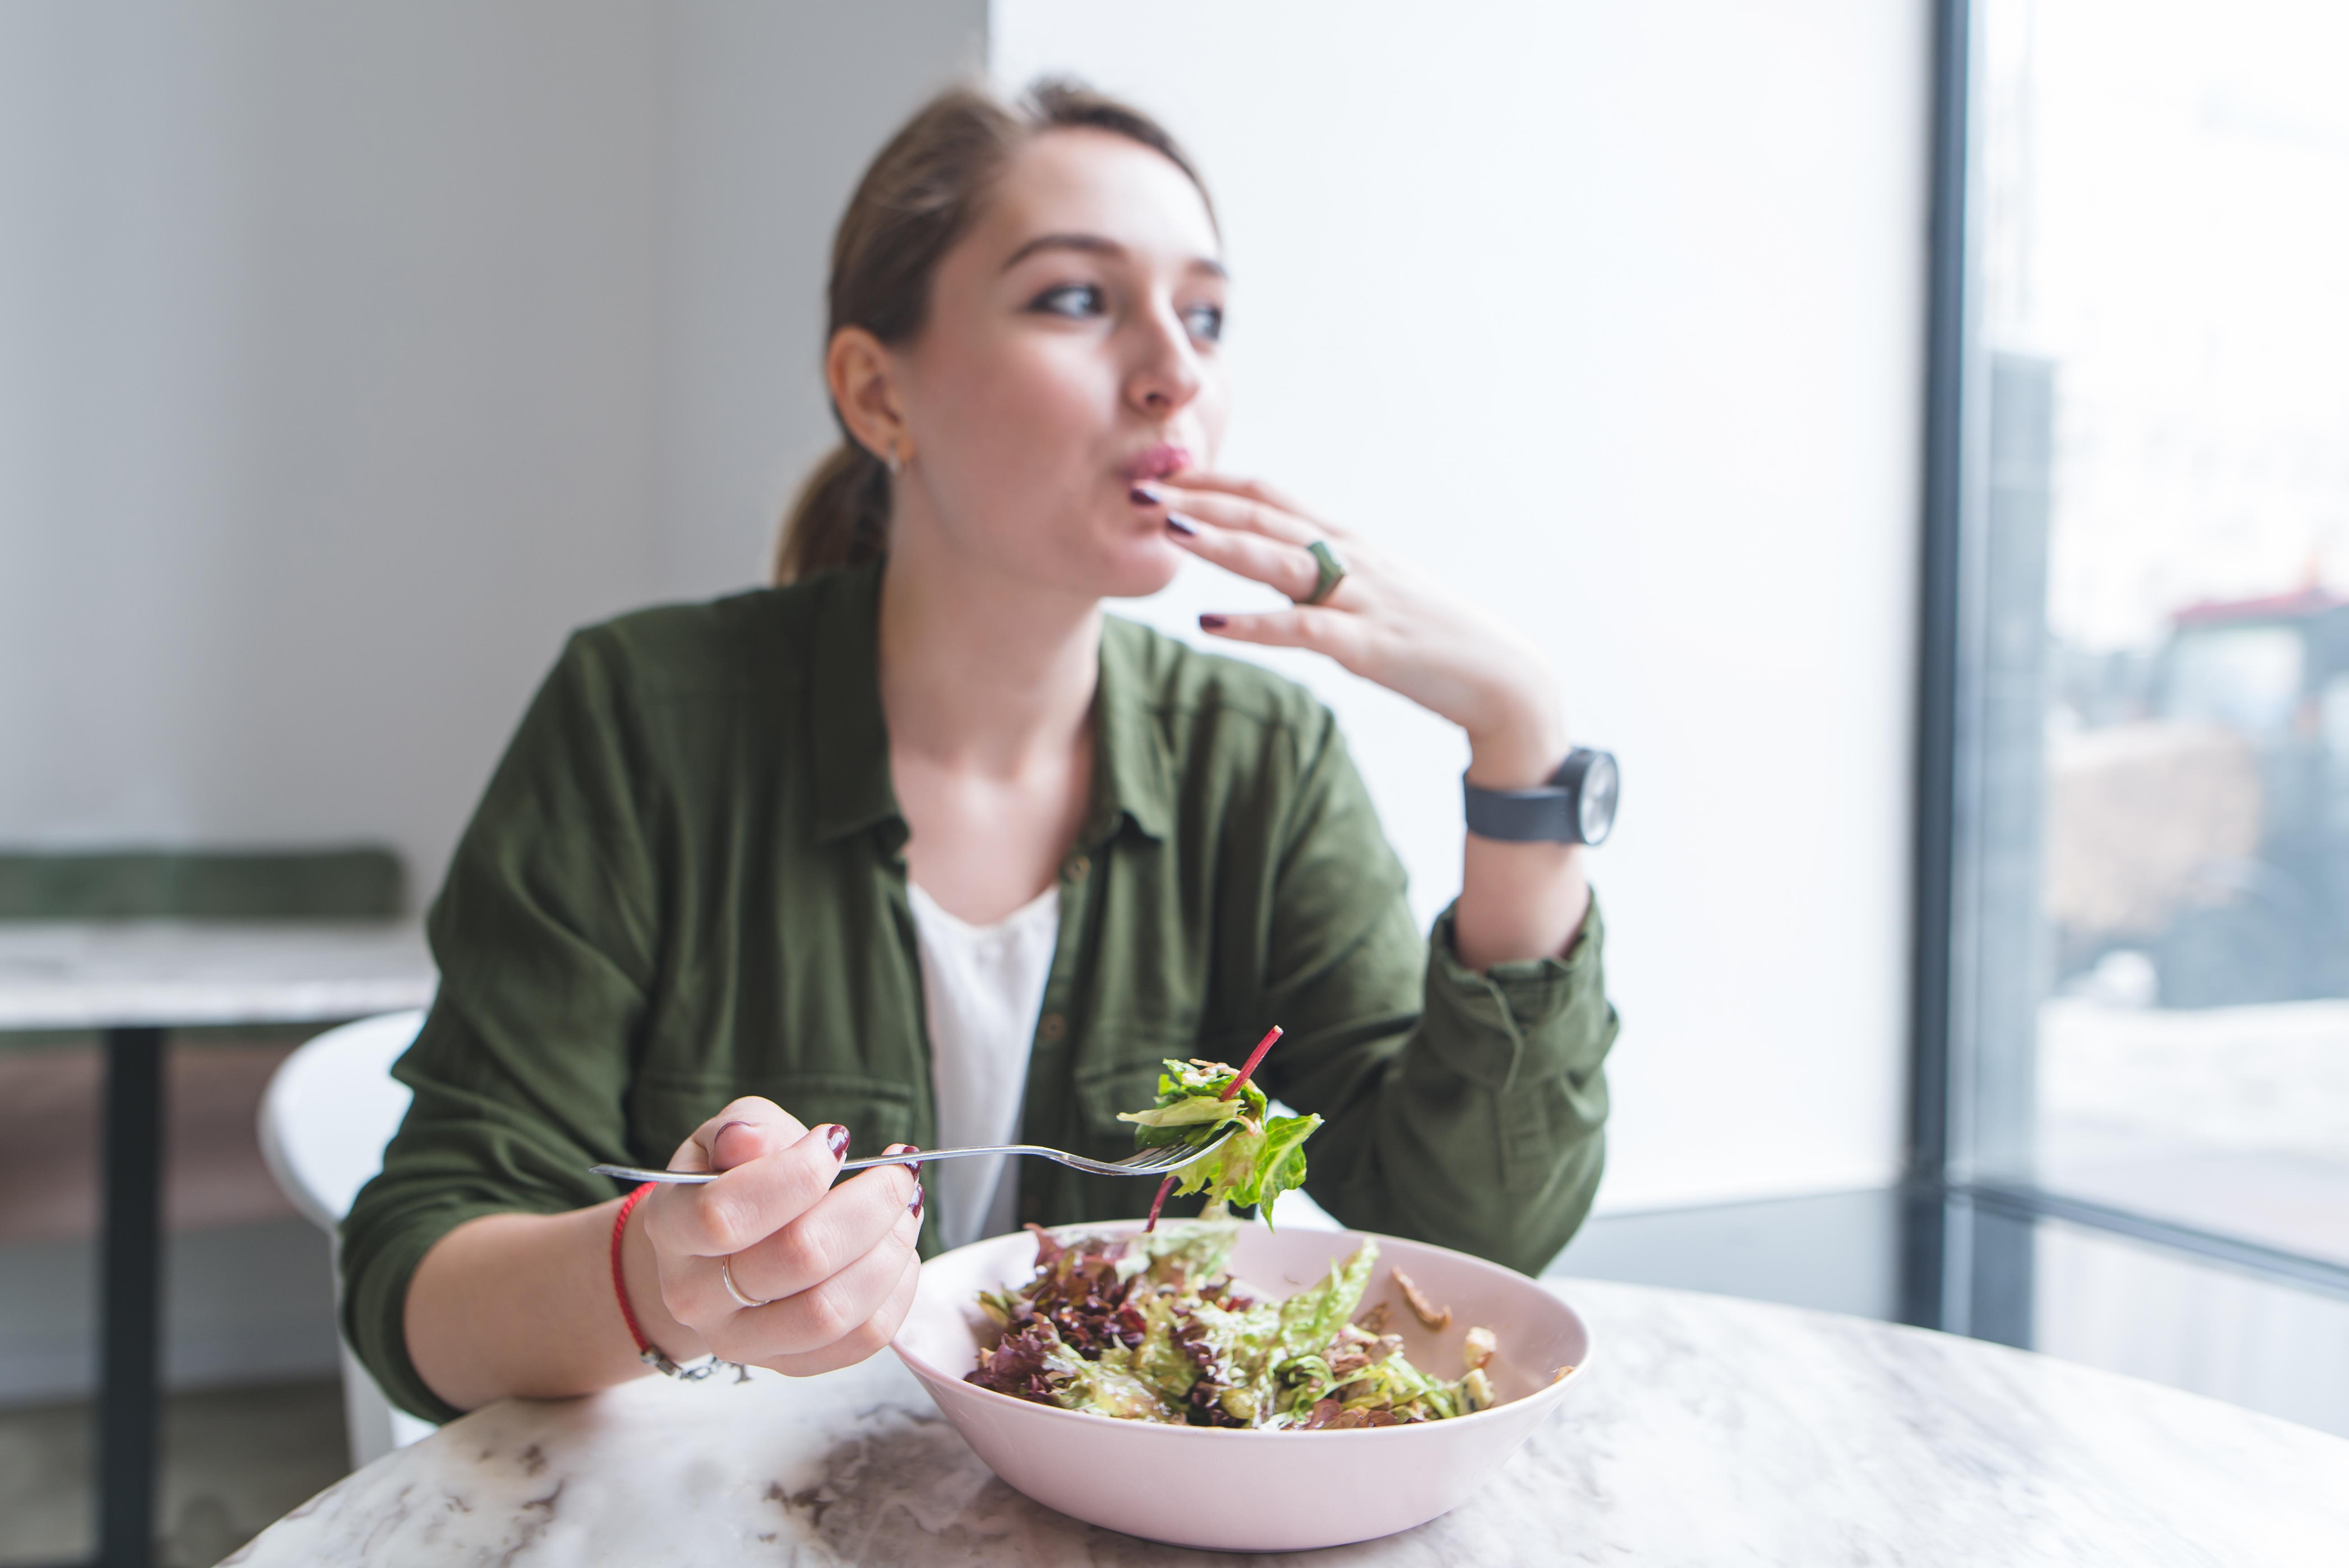 Större chans till god hälsa genom att äta näringsrik mat.